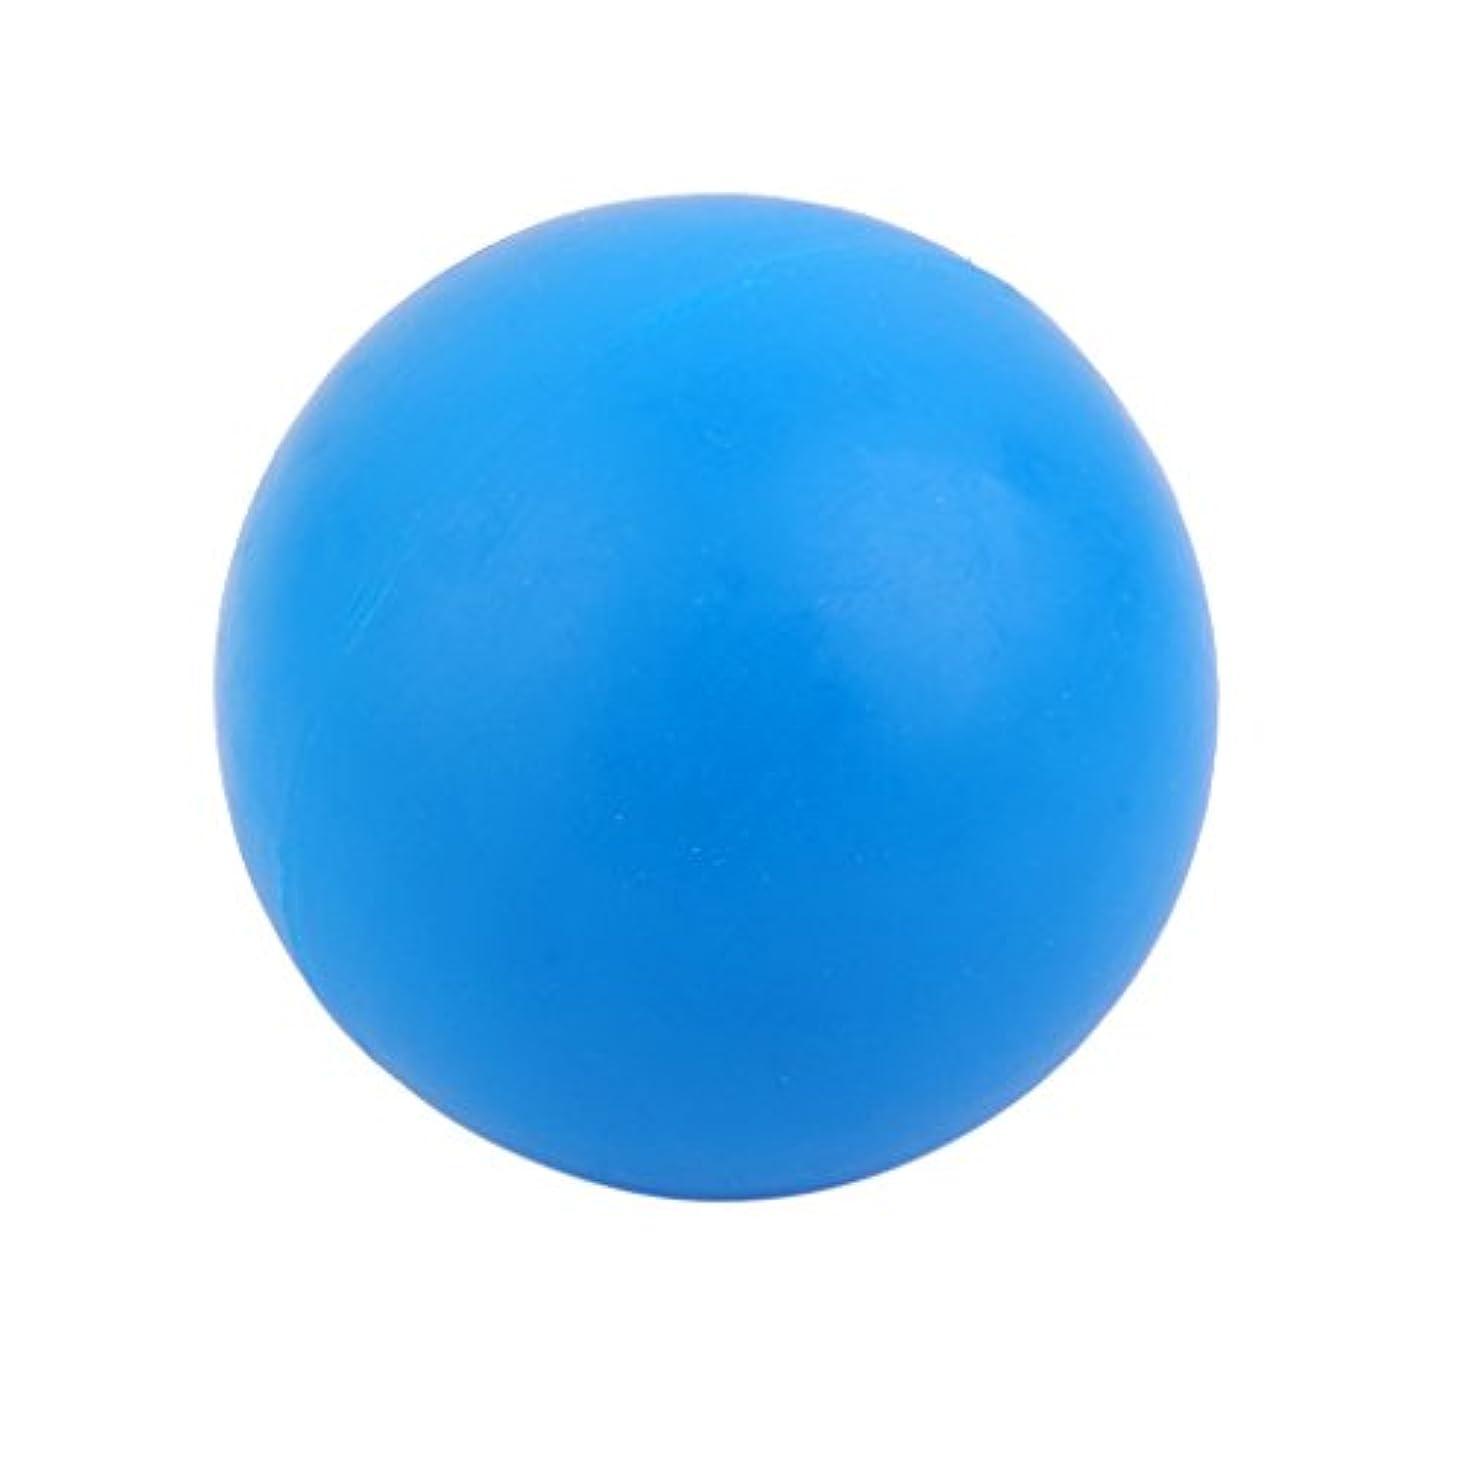 ディスパッチ男らしさ気絶させるマッサージボール 反応ボール トレーニングボール